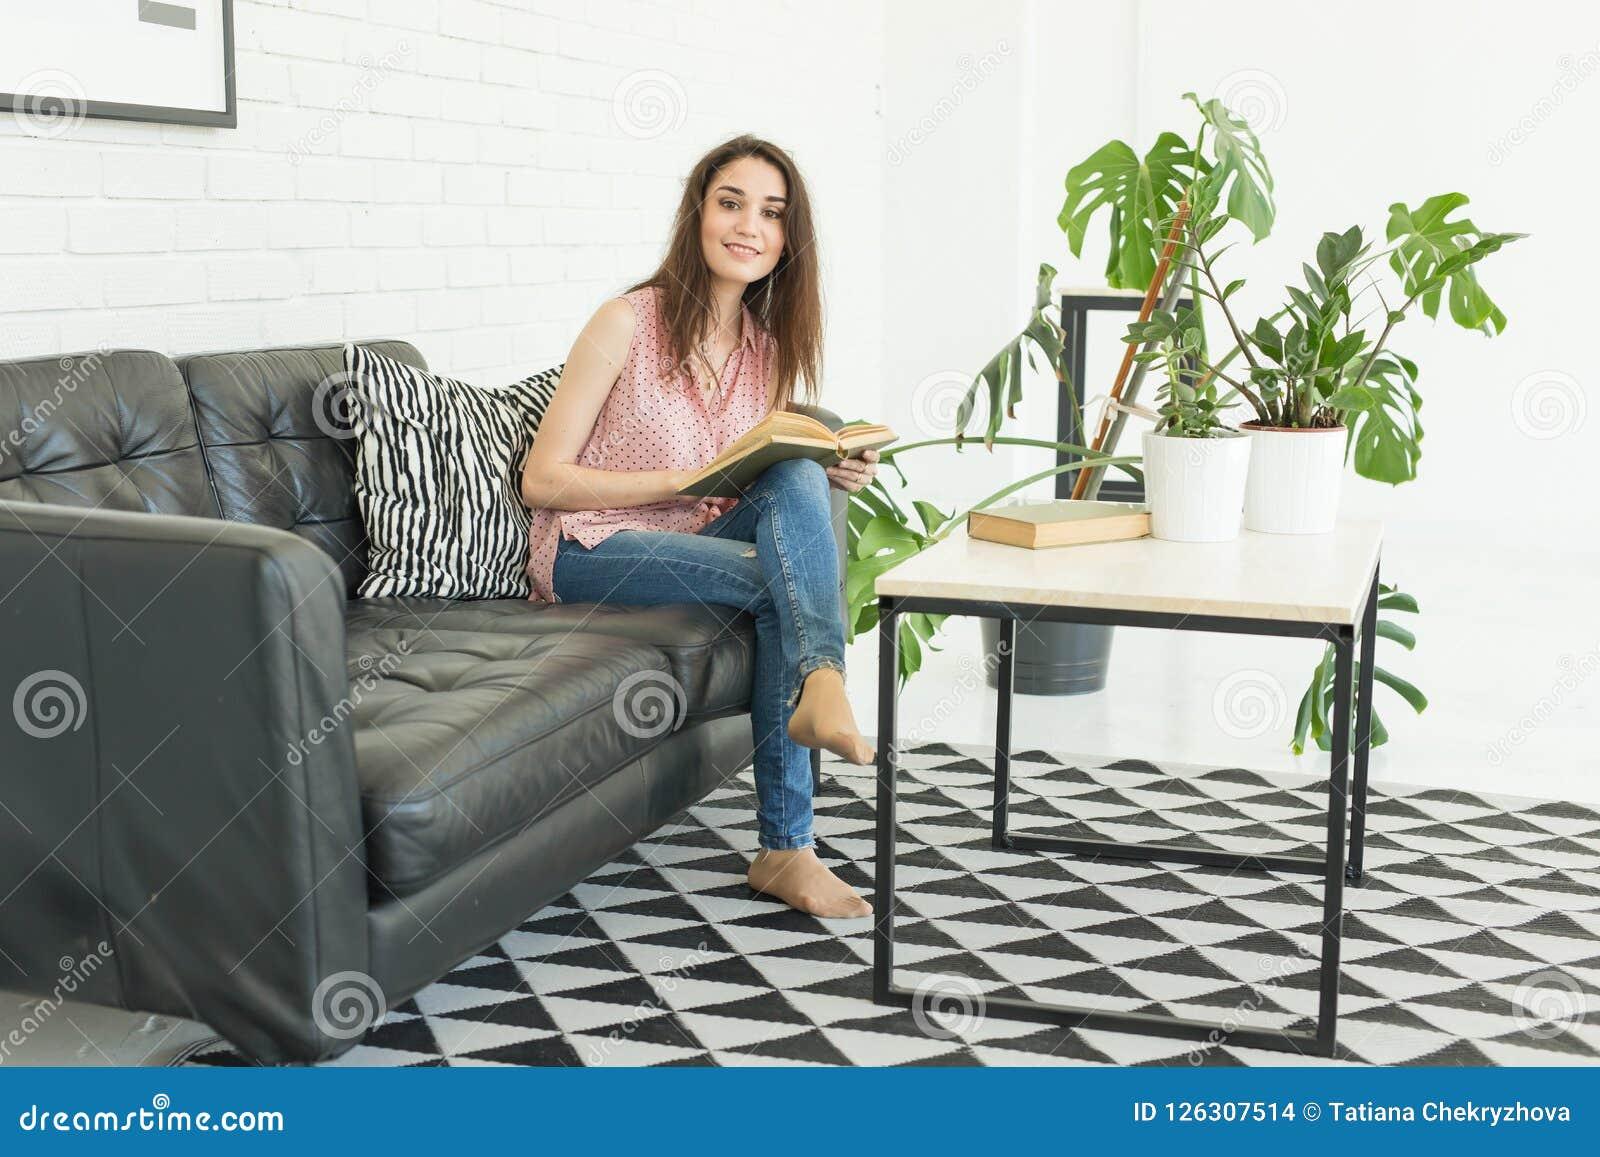 Läsning utbildning, kultur, folkbegrepp - den unga studentkvinnan läser en bok, medan hon sitter på soffan i a